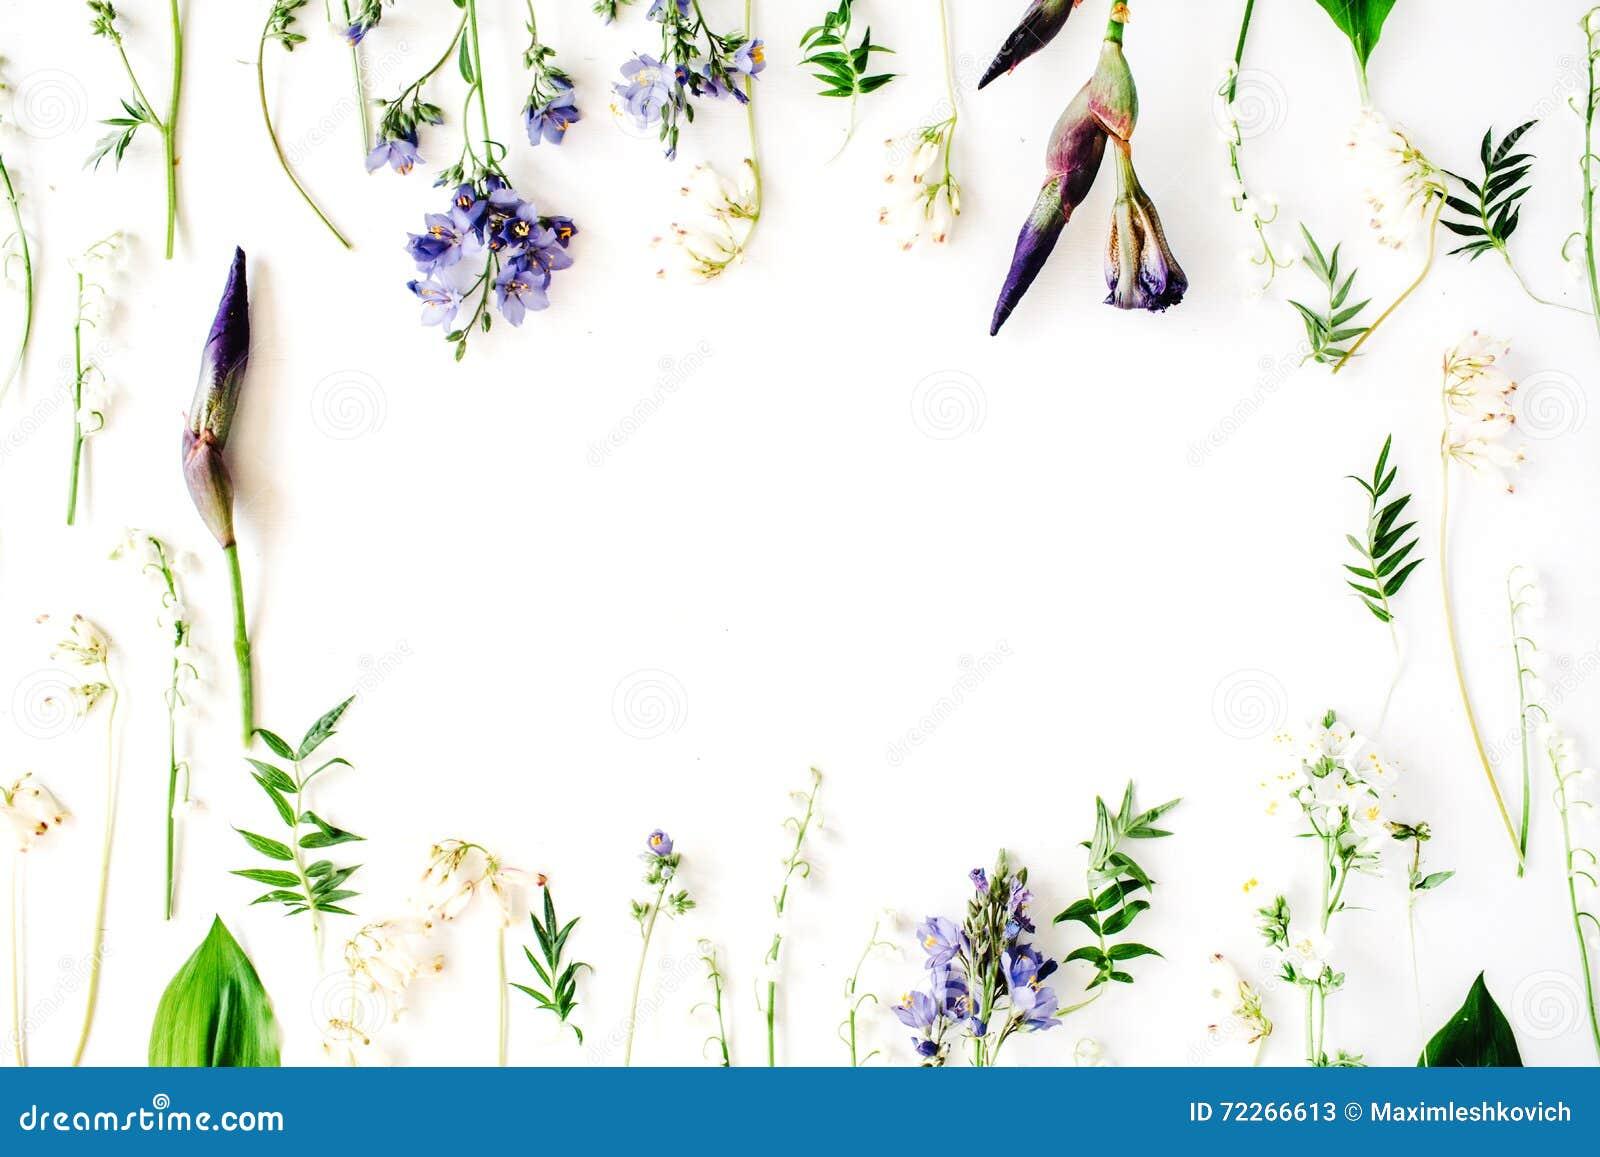 Iris flower quotes 42 beautiful flower quotes sayingimages iris flower quotes izmirmasajfo